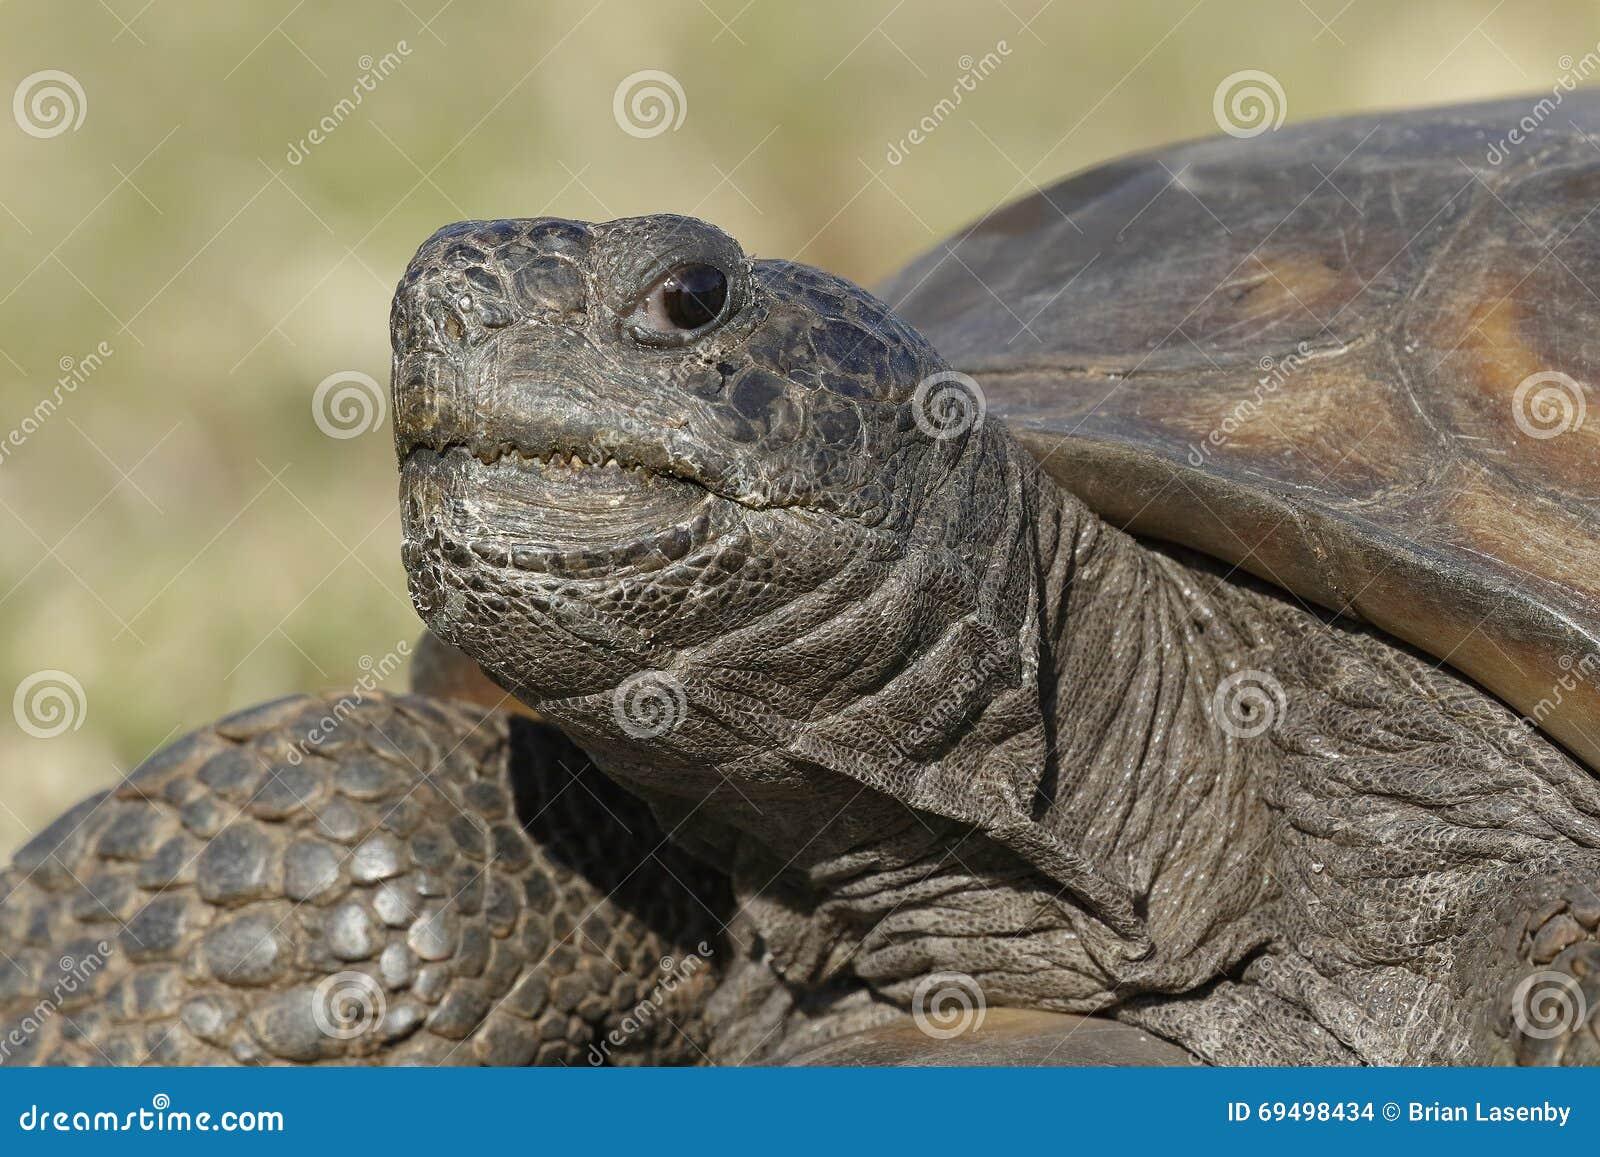 Nahaufnahme einer gefährdeten Gopher-Schildkröte